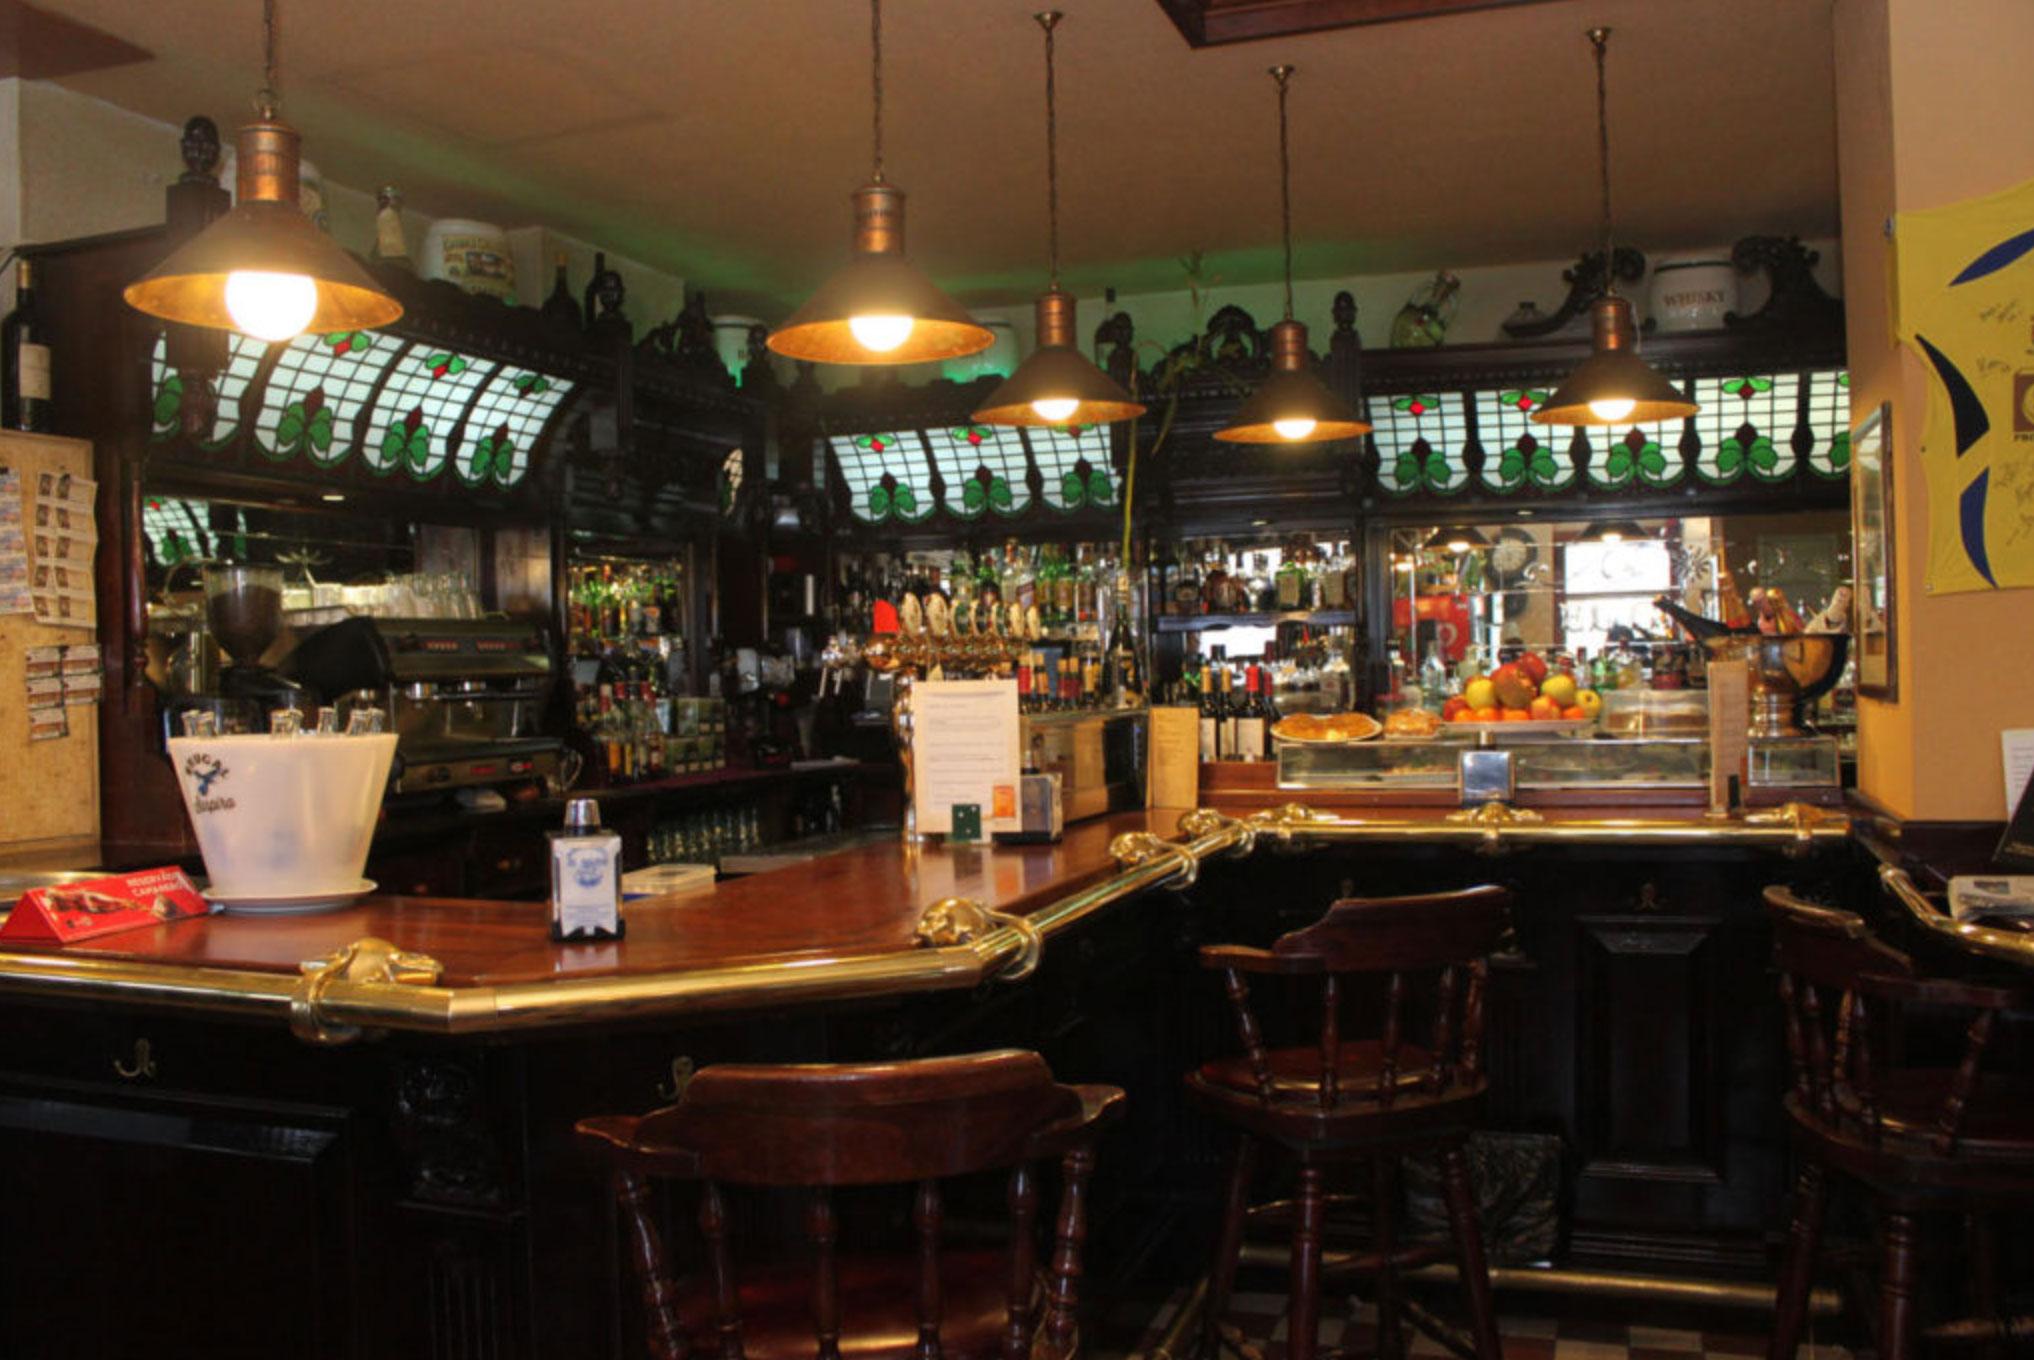 Barra con cervezas artesanales del Restaurante El Galeón en Alcorcón